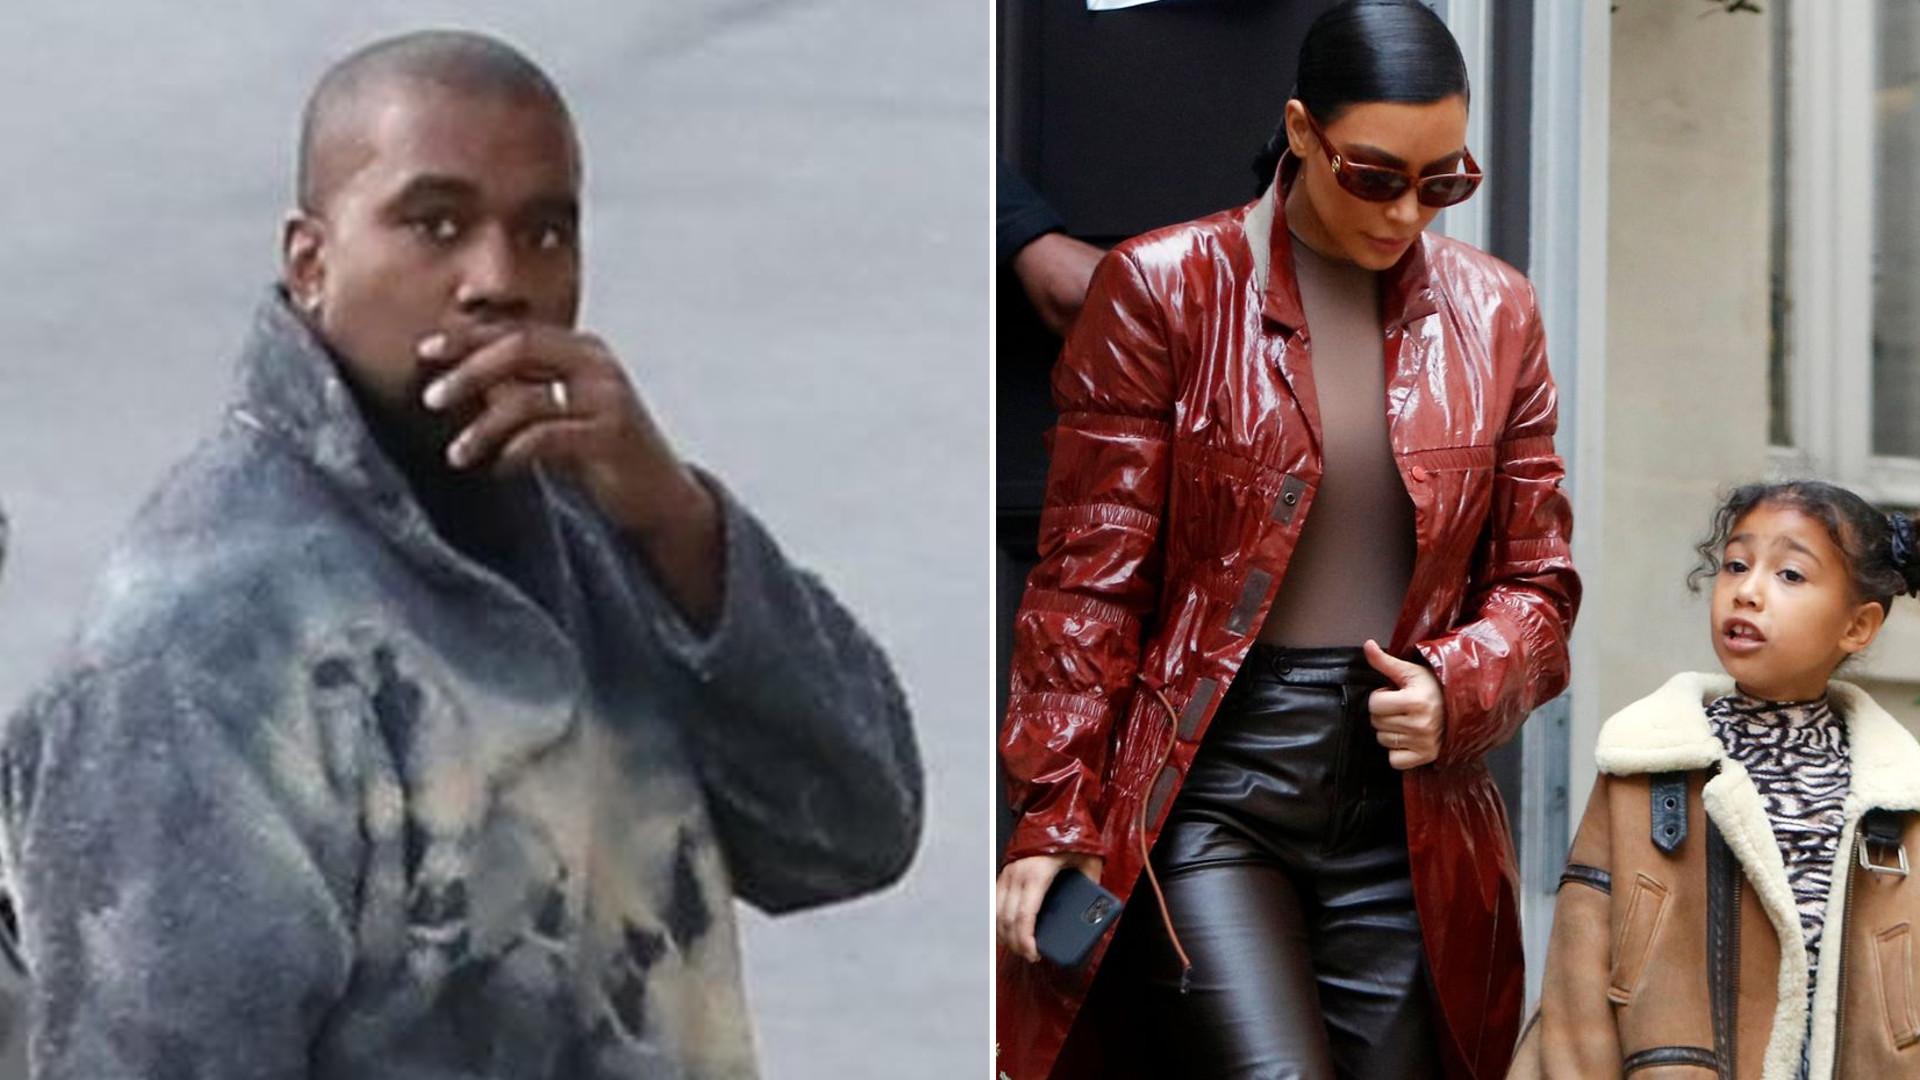 Kim Kardashian wspomina swój ślub. Rozwiedzie się z Kanye, dlatego przegląda stare zdjęcia?